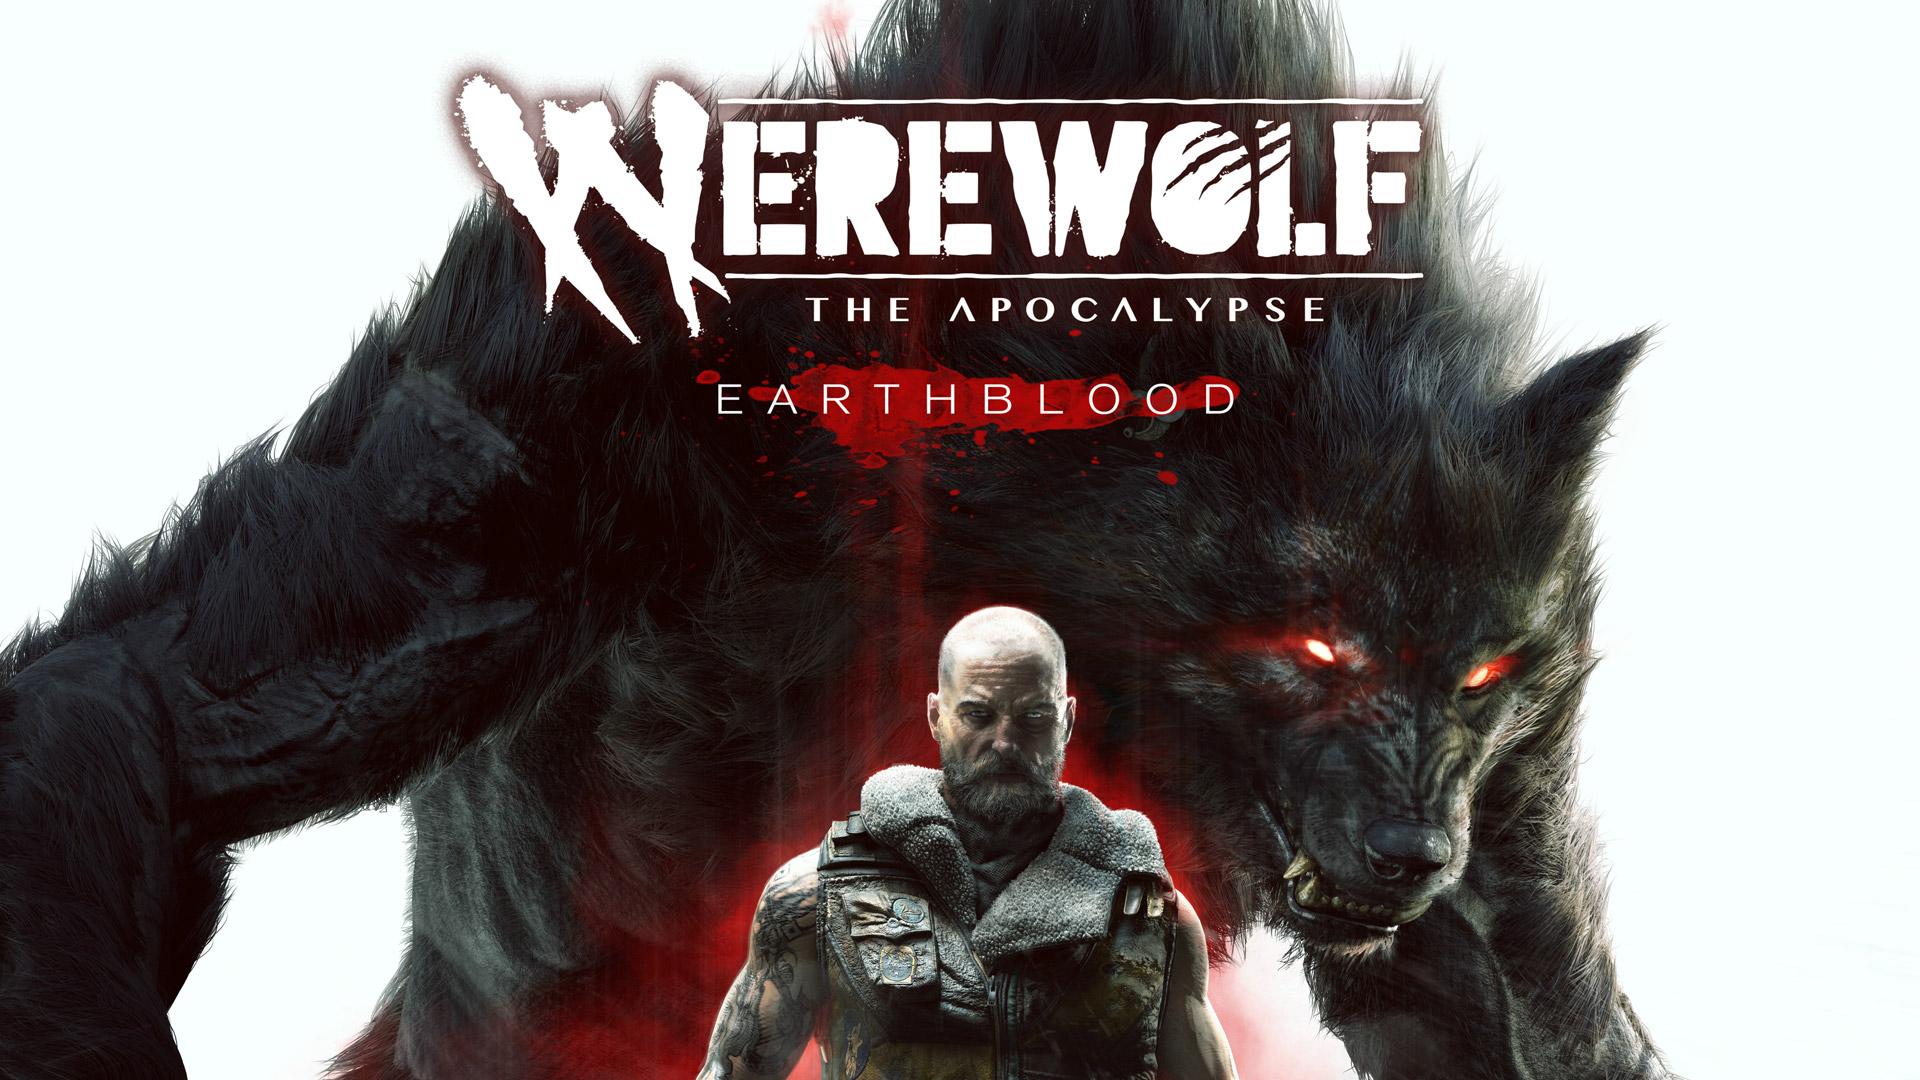 Werewolf: The Apocalypse - Earthblood Wallpaper in 1920x1080